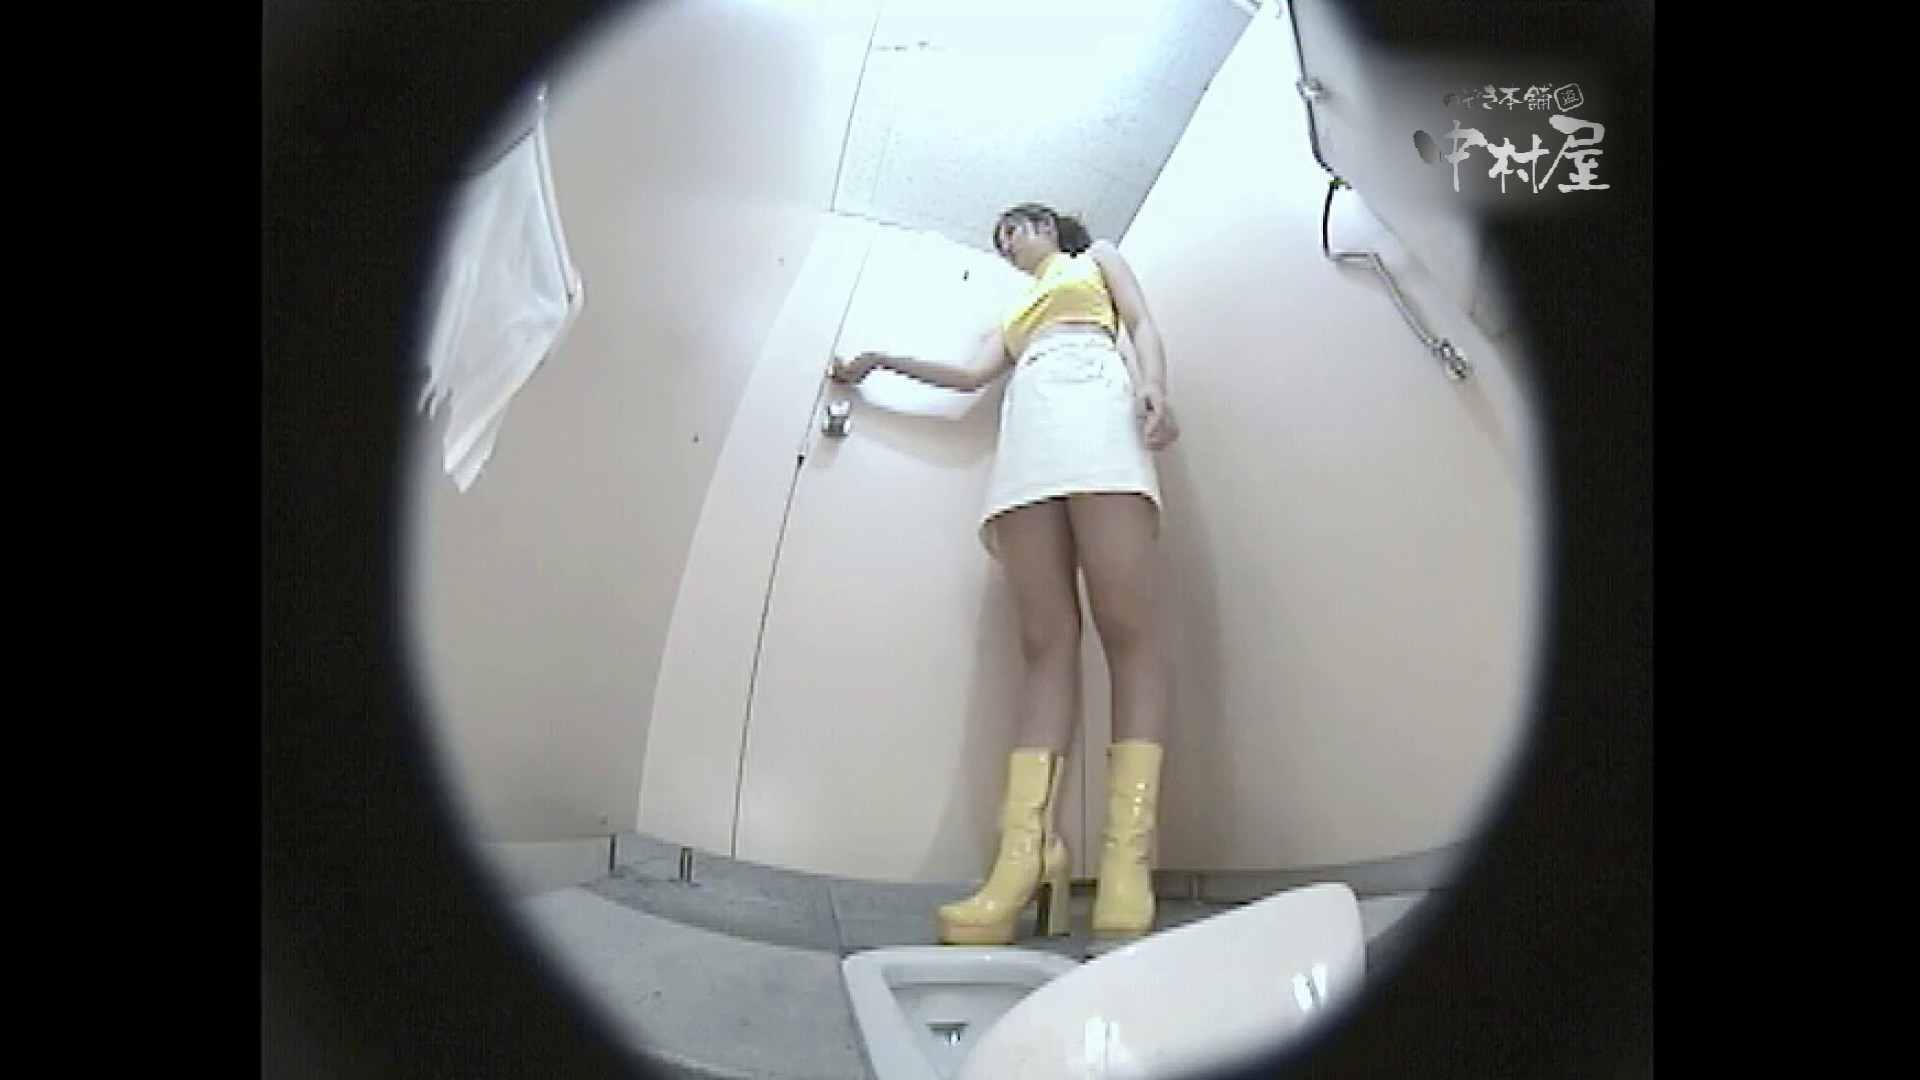 レースクィーントイレ盗撮!Vol.10 美しいOLの裸体 AV無料動画キャプチャ 80pic 13